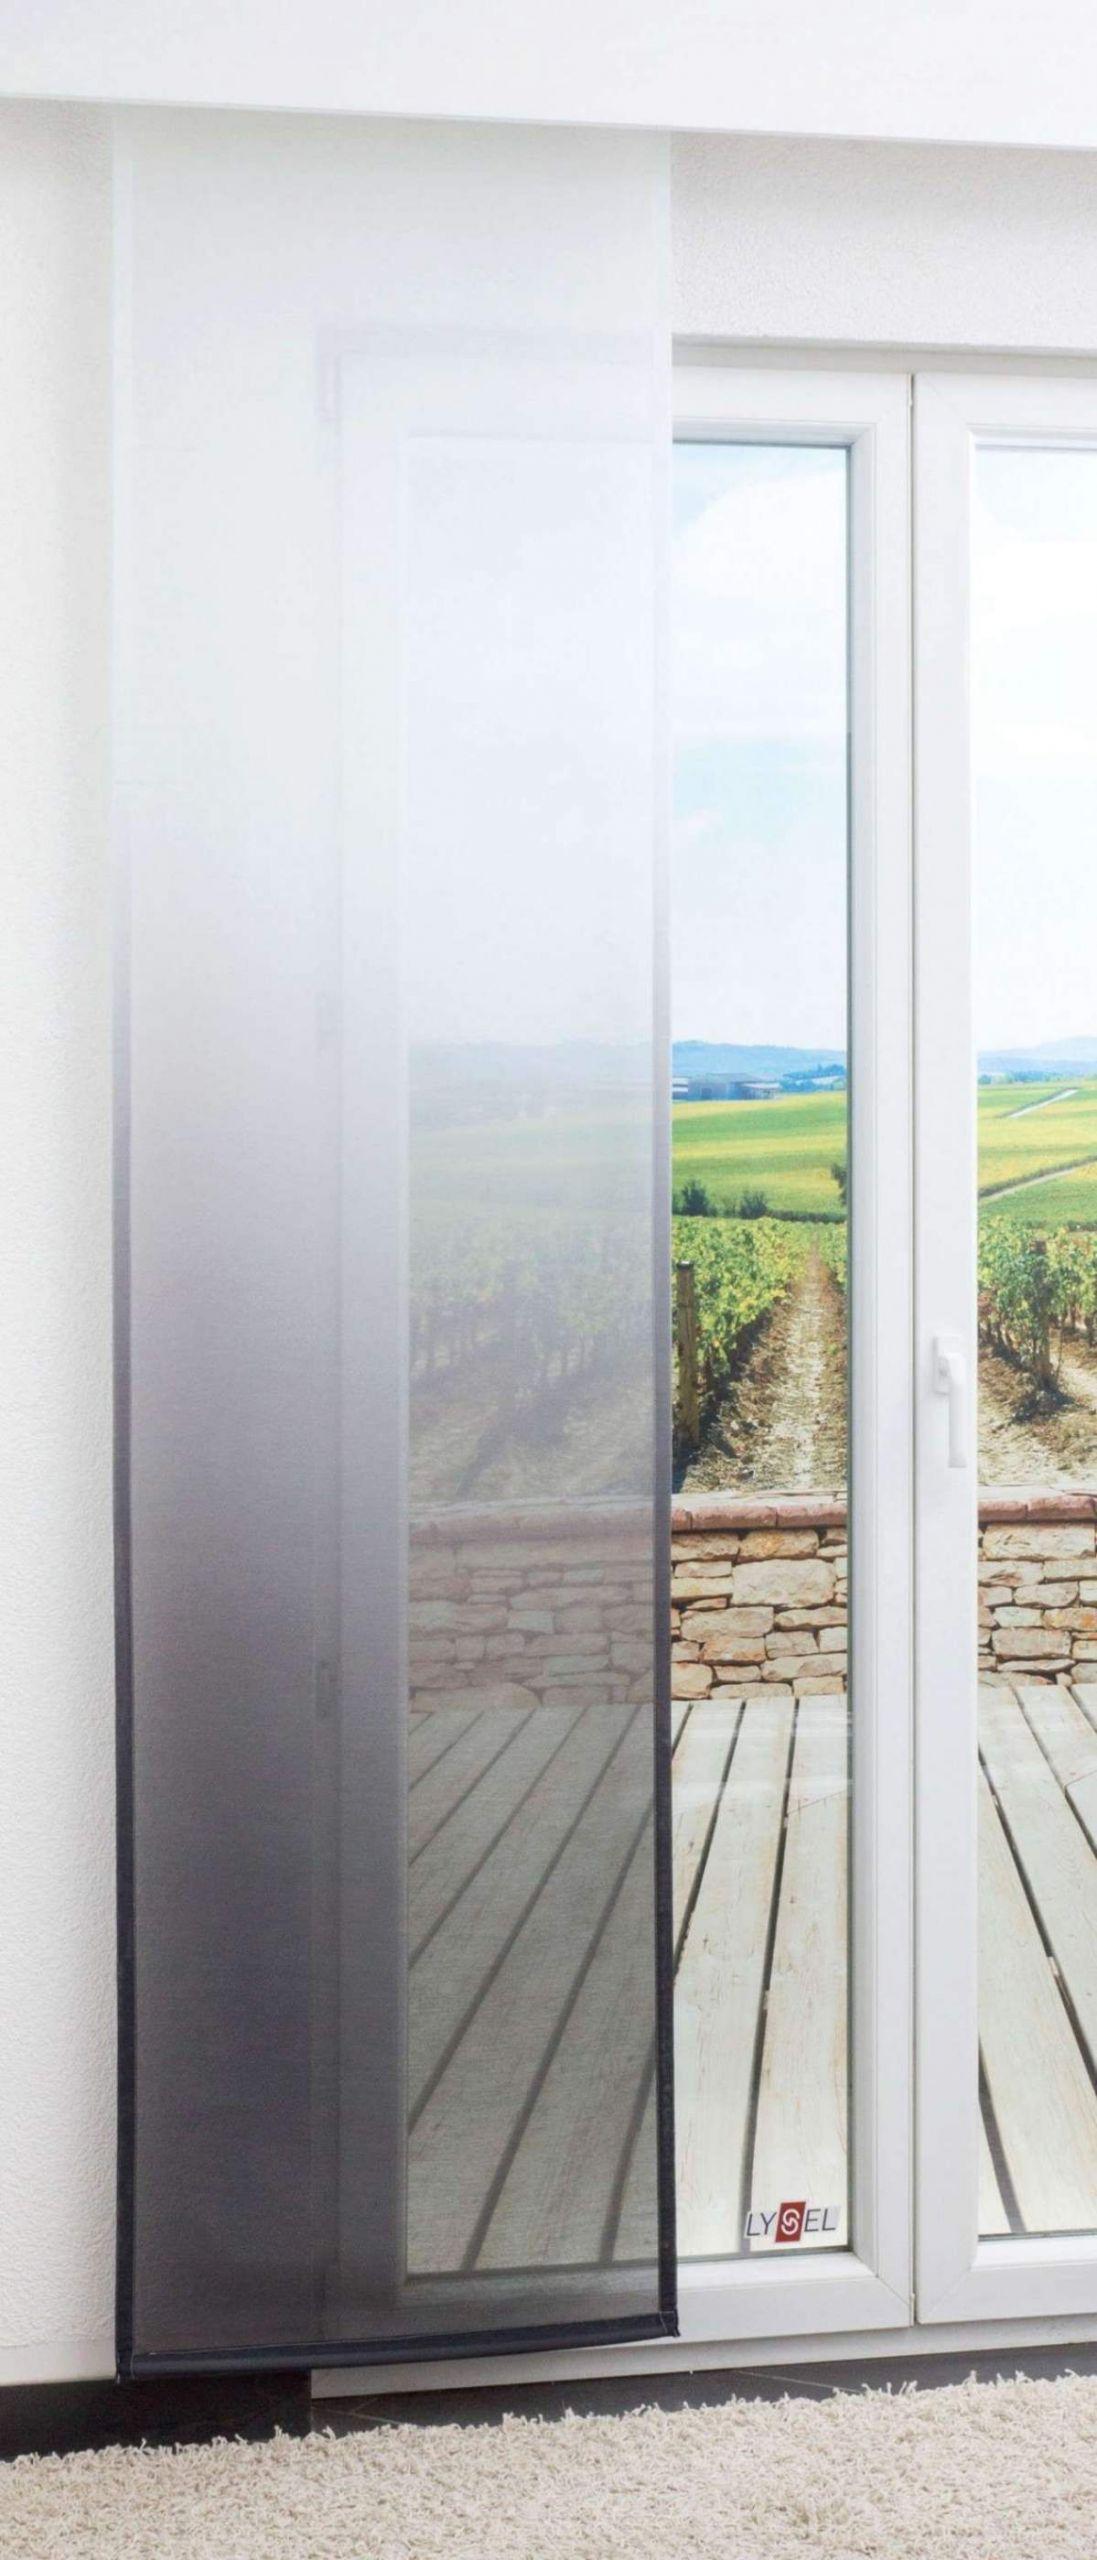 36 inspirierend gunstiger sichtschutz fur garten sichtschutz fur badfenster sichtschutz fur badfenster